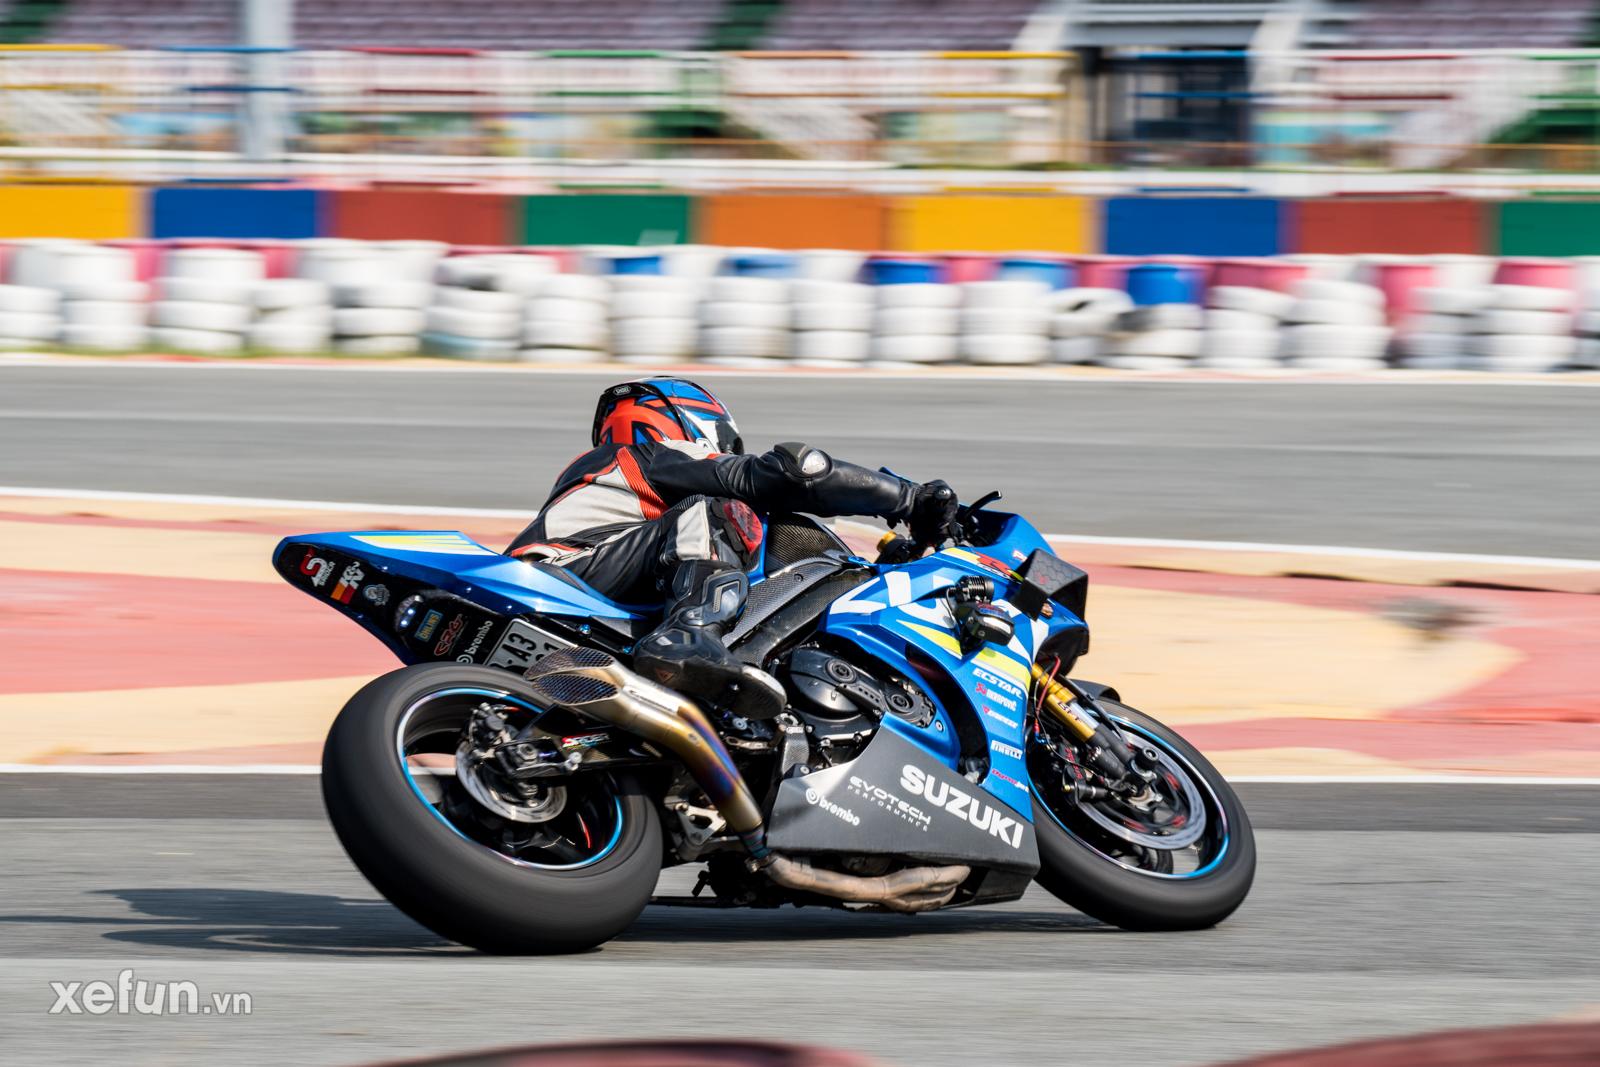 Các tay đua nài xe phân khối lớn PKL BMW S1000RR Ducati Monster Kawasaki Ninja ZX10R tại Trường đua Đại Nam trên Xefun (120)25464